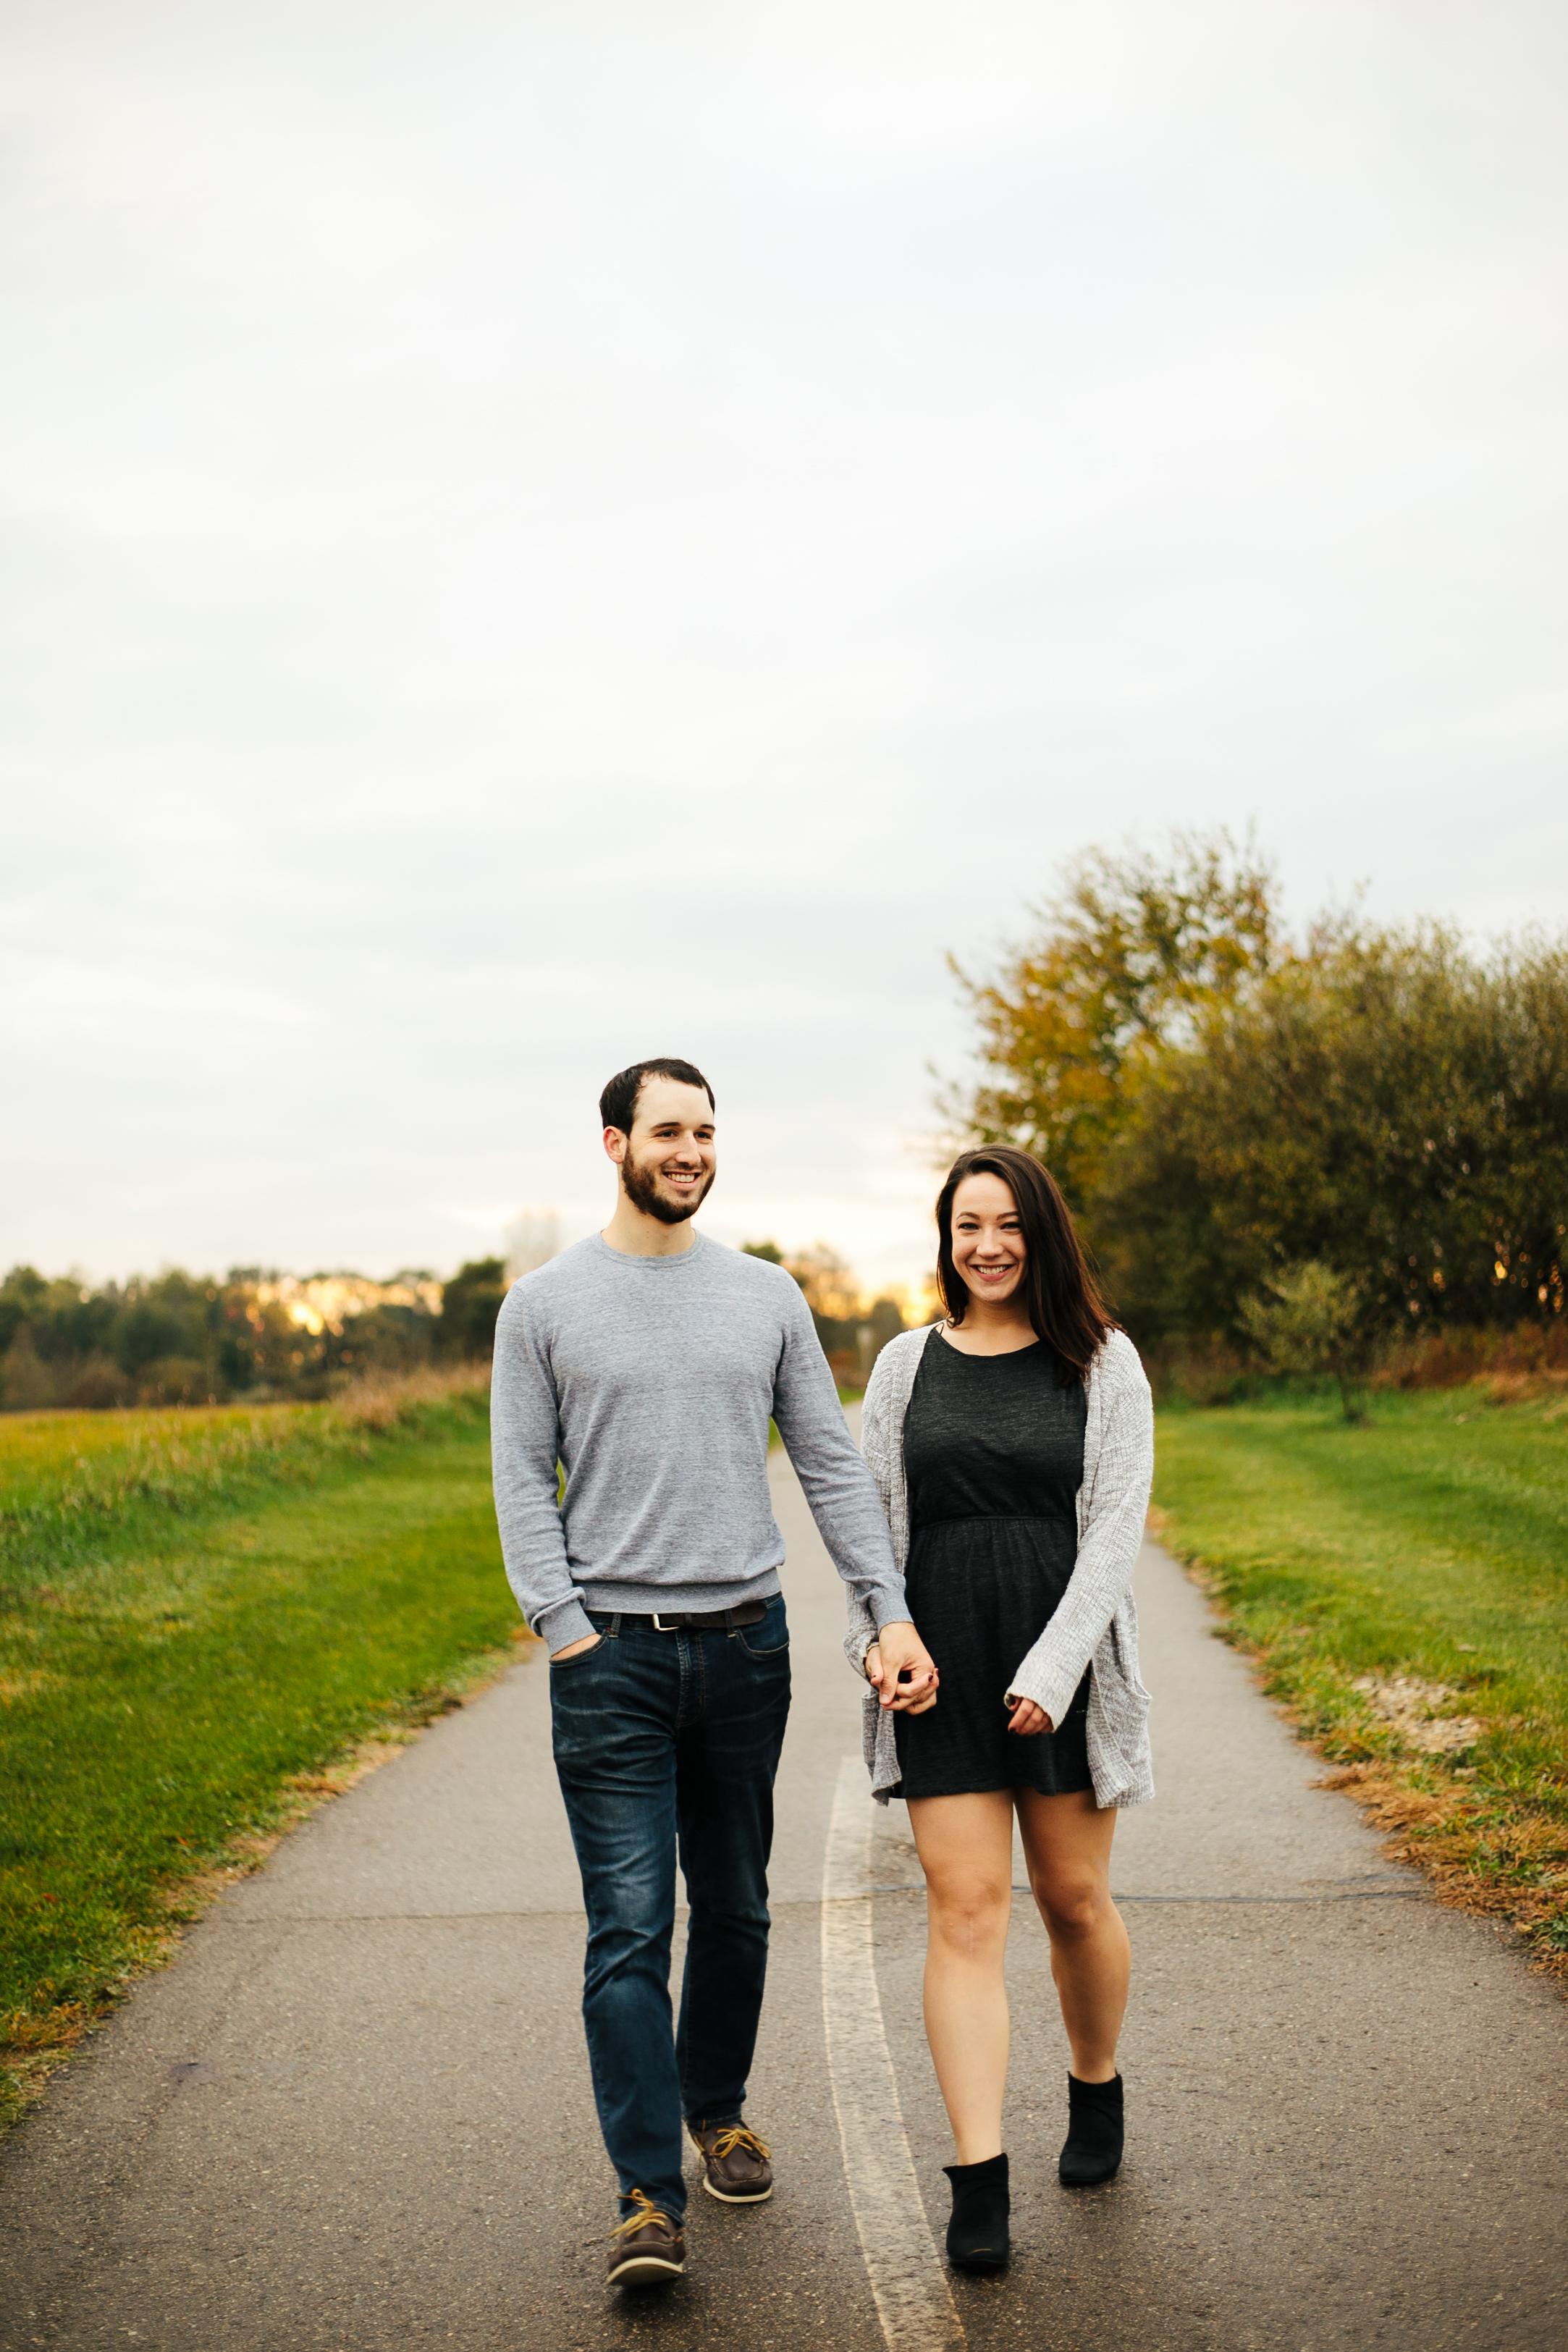 Kalamazoo Engagement Photography